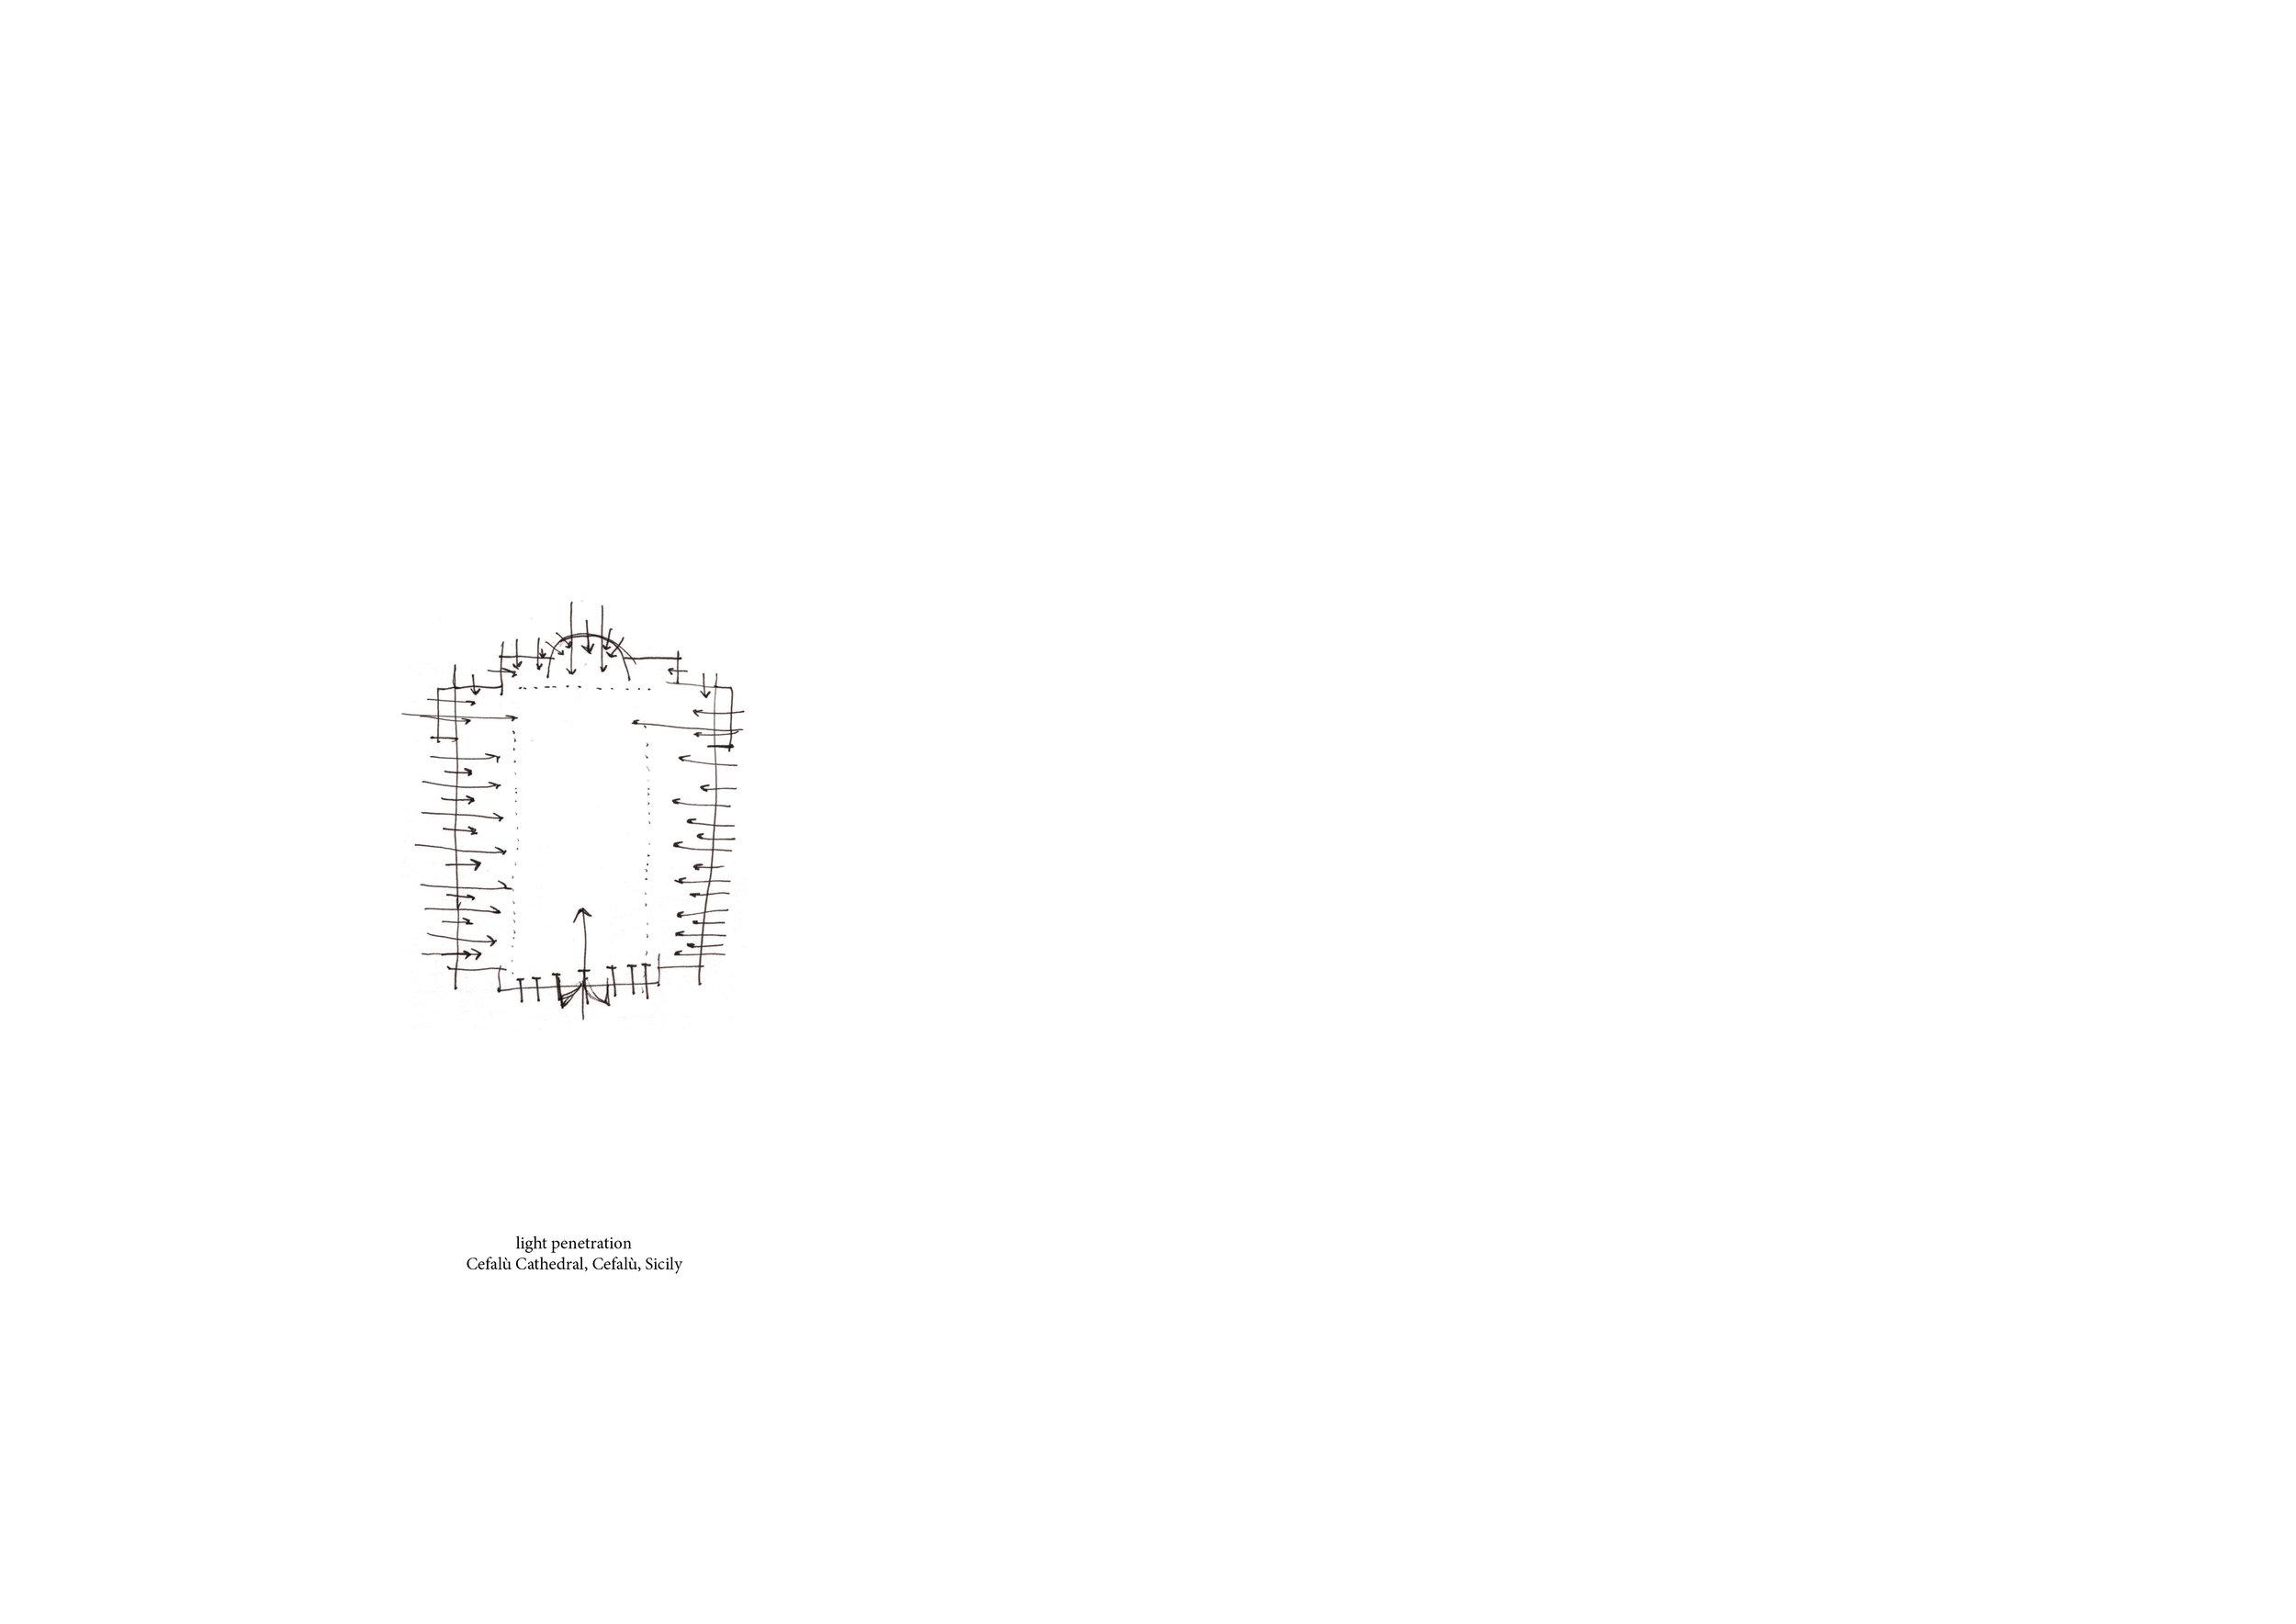 web diagram book print 318.jpg